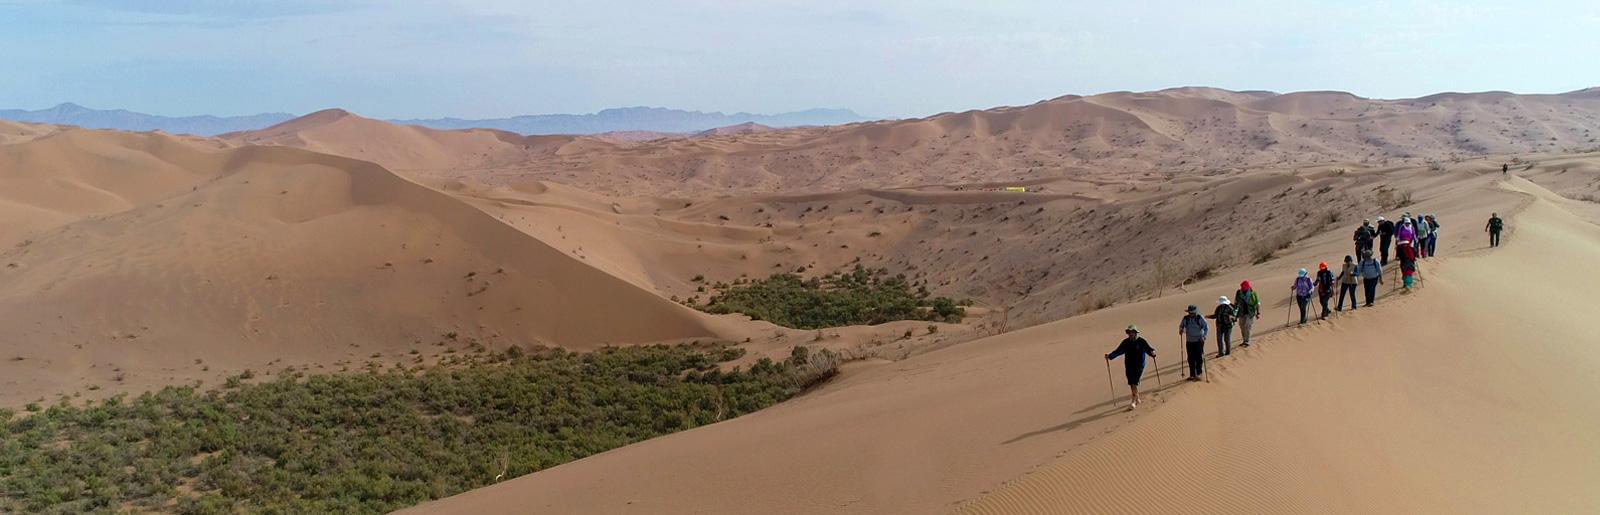 Rig-e Jenn, Central Desert & Lut Desert Expedition Tour